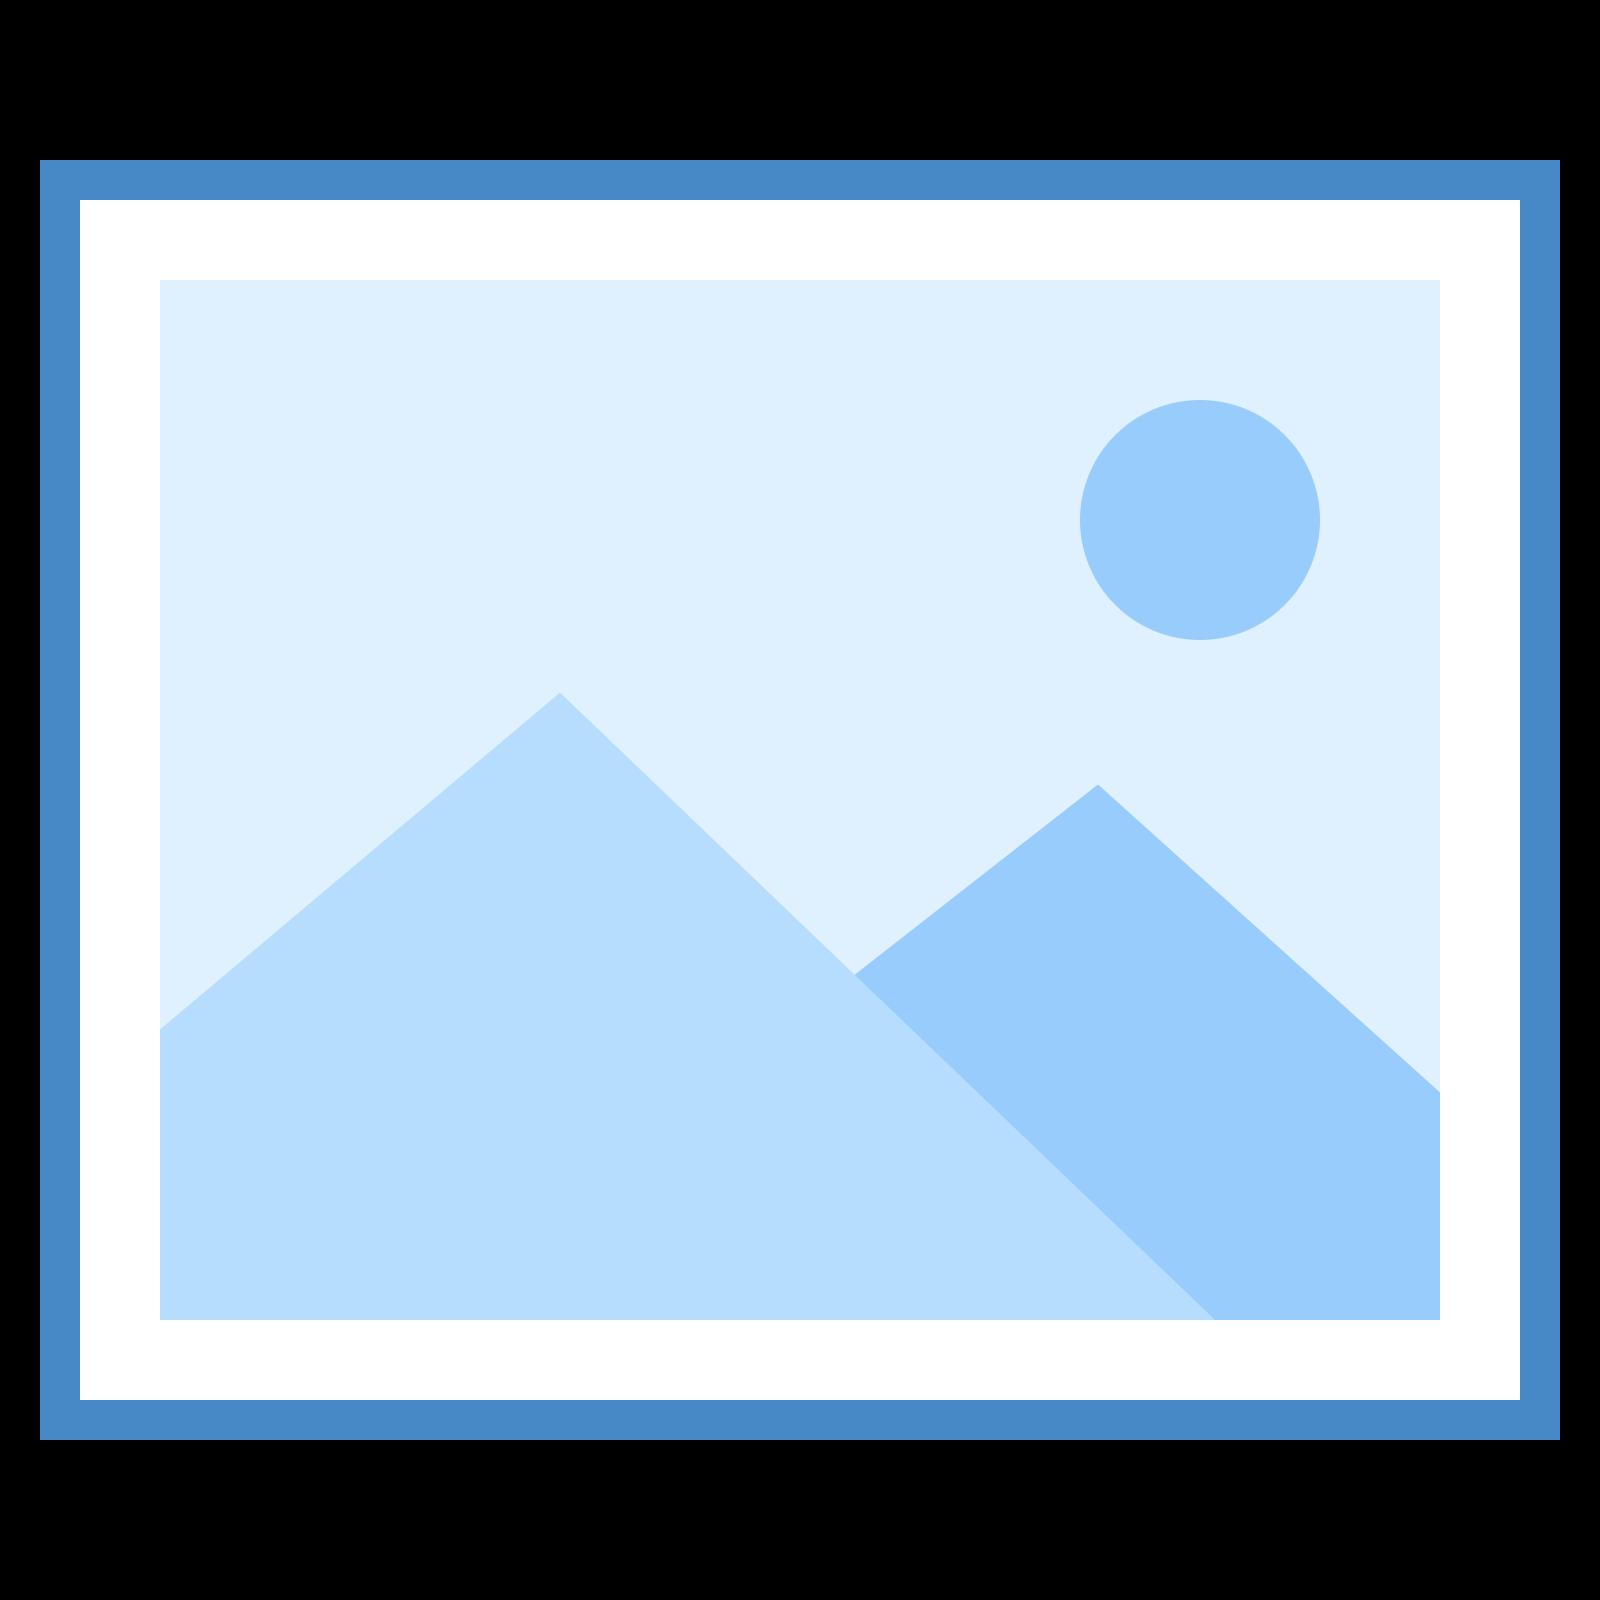 フルイメージ icon. The image is of a four sided square. The square is completely closed with no breaks in the lines. There inside of the square is blank. There is nothing on the inside or outside of the square.